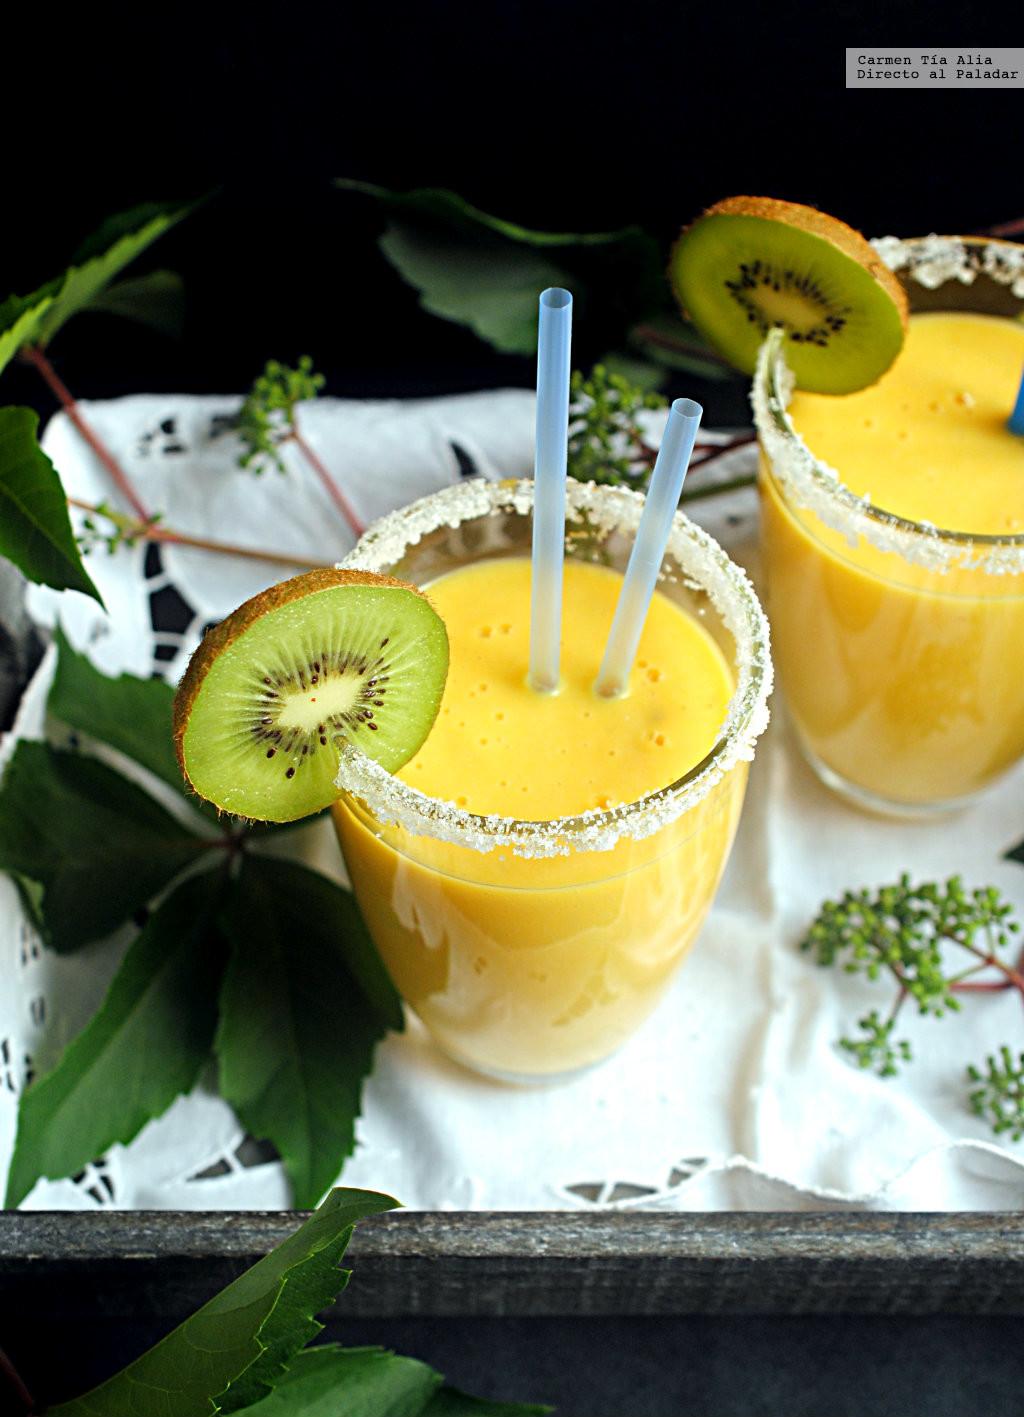 Smoothie de piña, mandarina y jengibre: receta fácil para un desayuno saludable